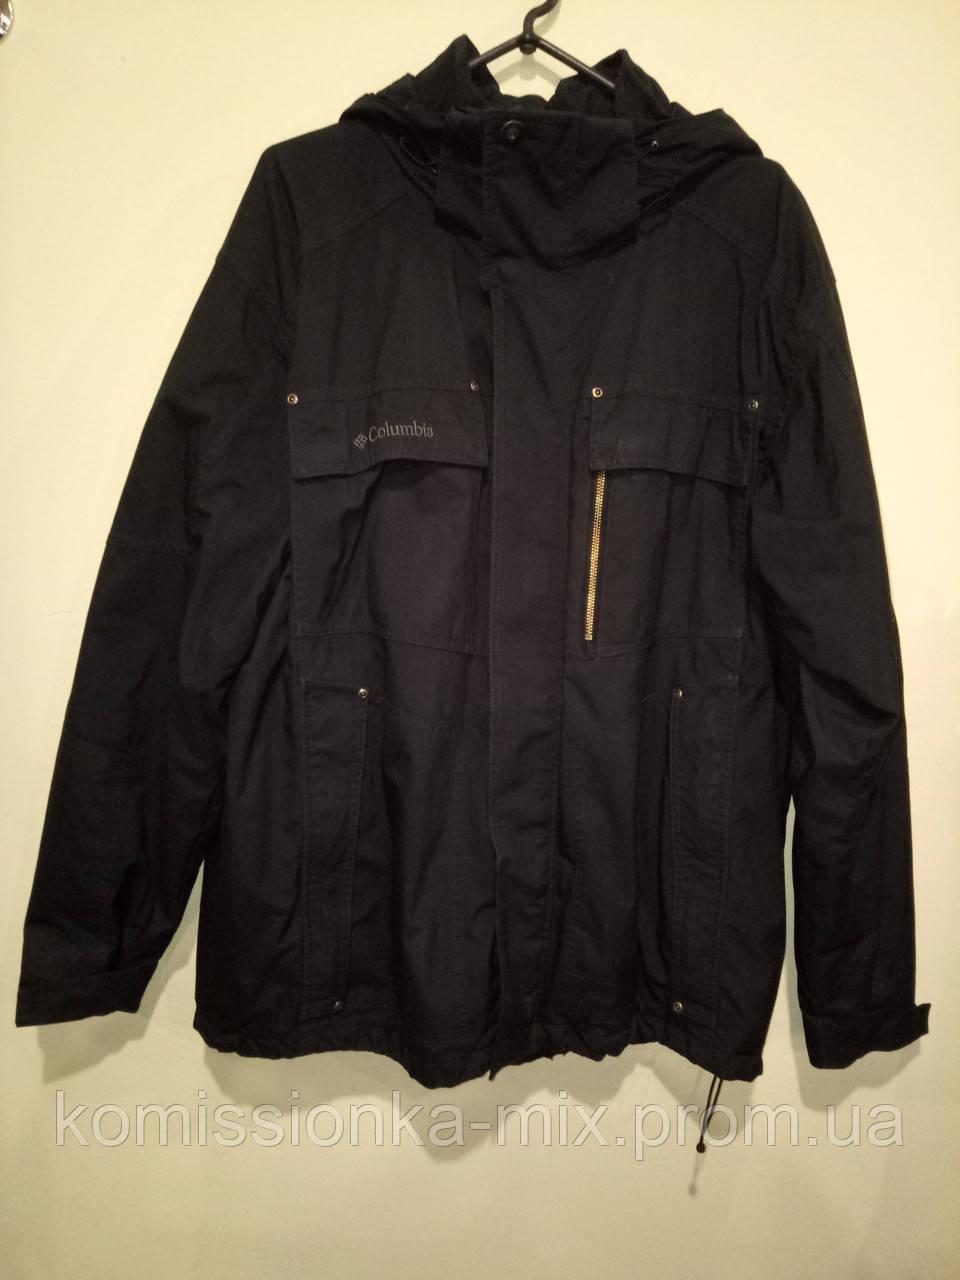 Куртка COLUMBIA  XL